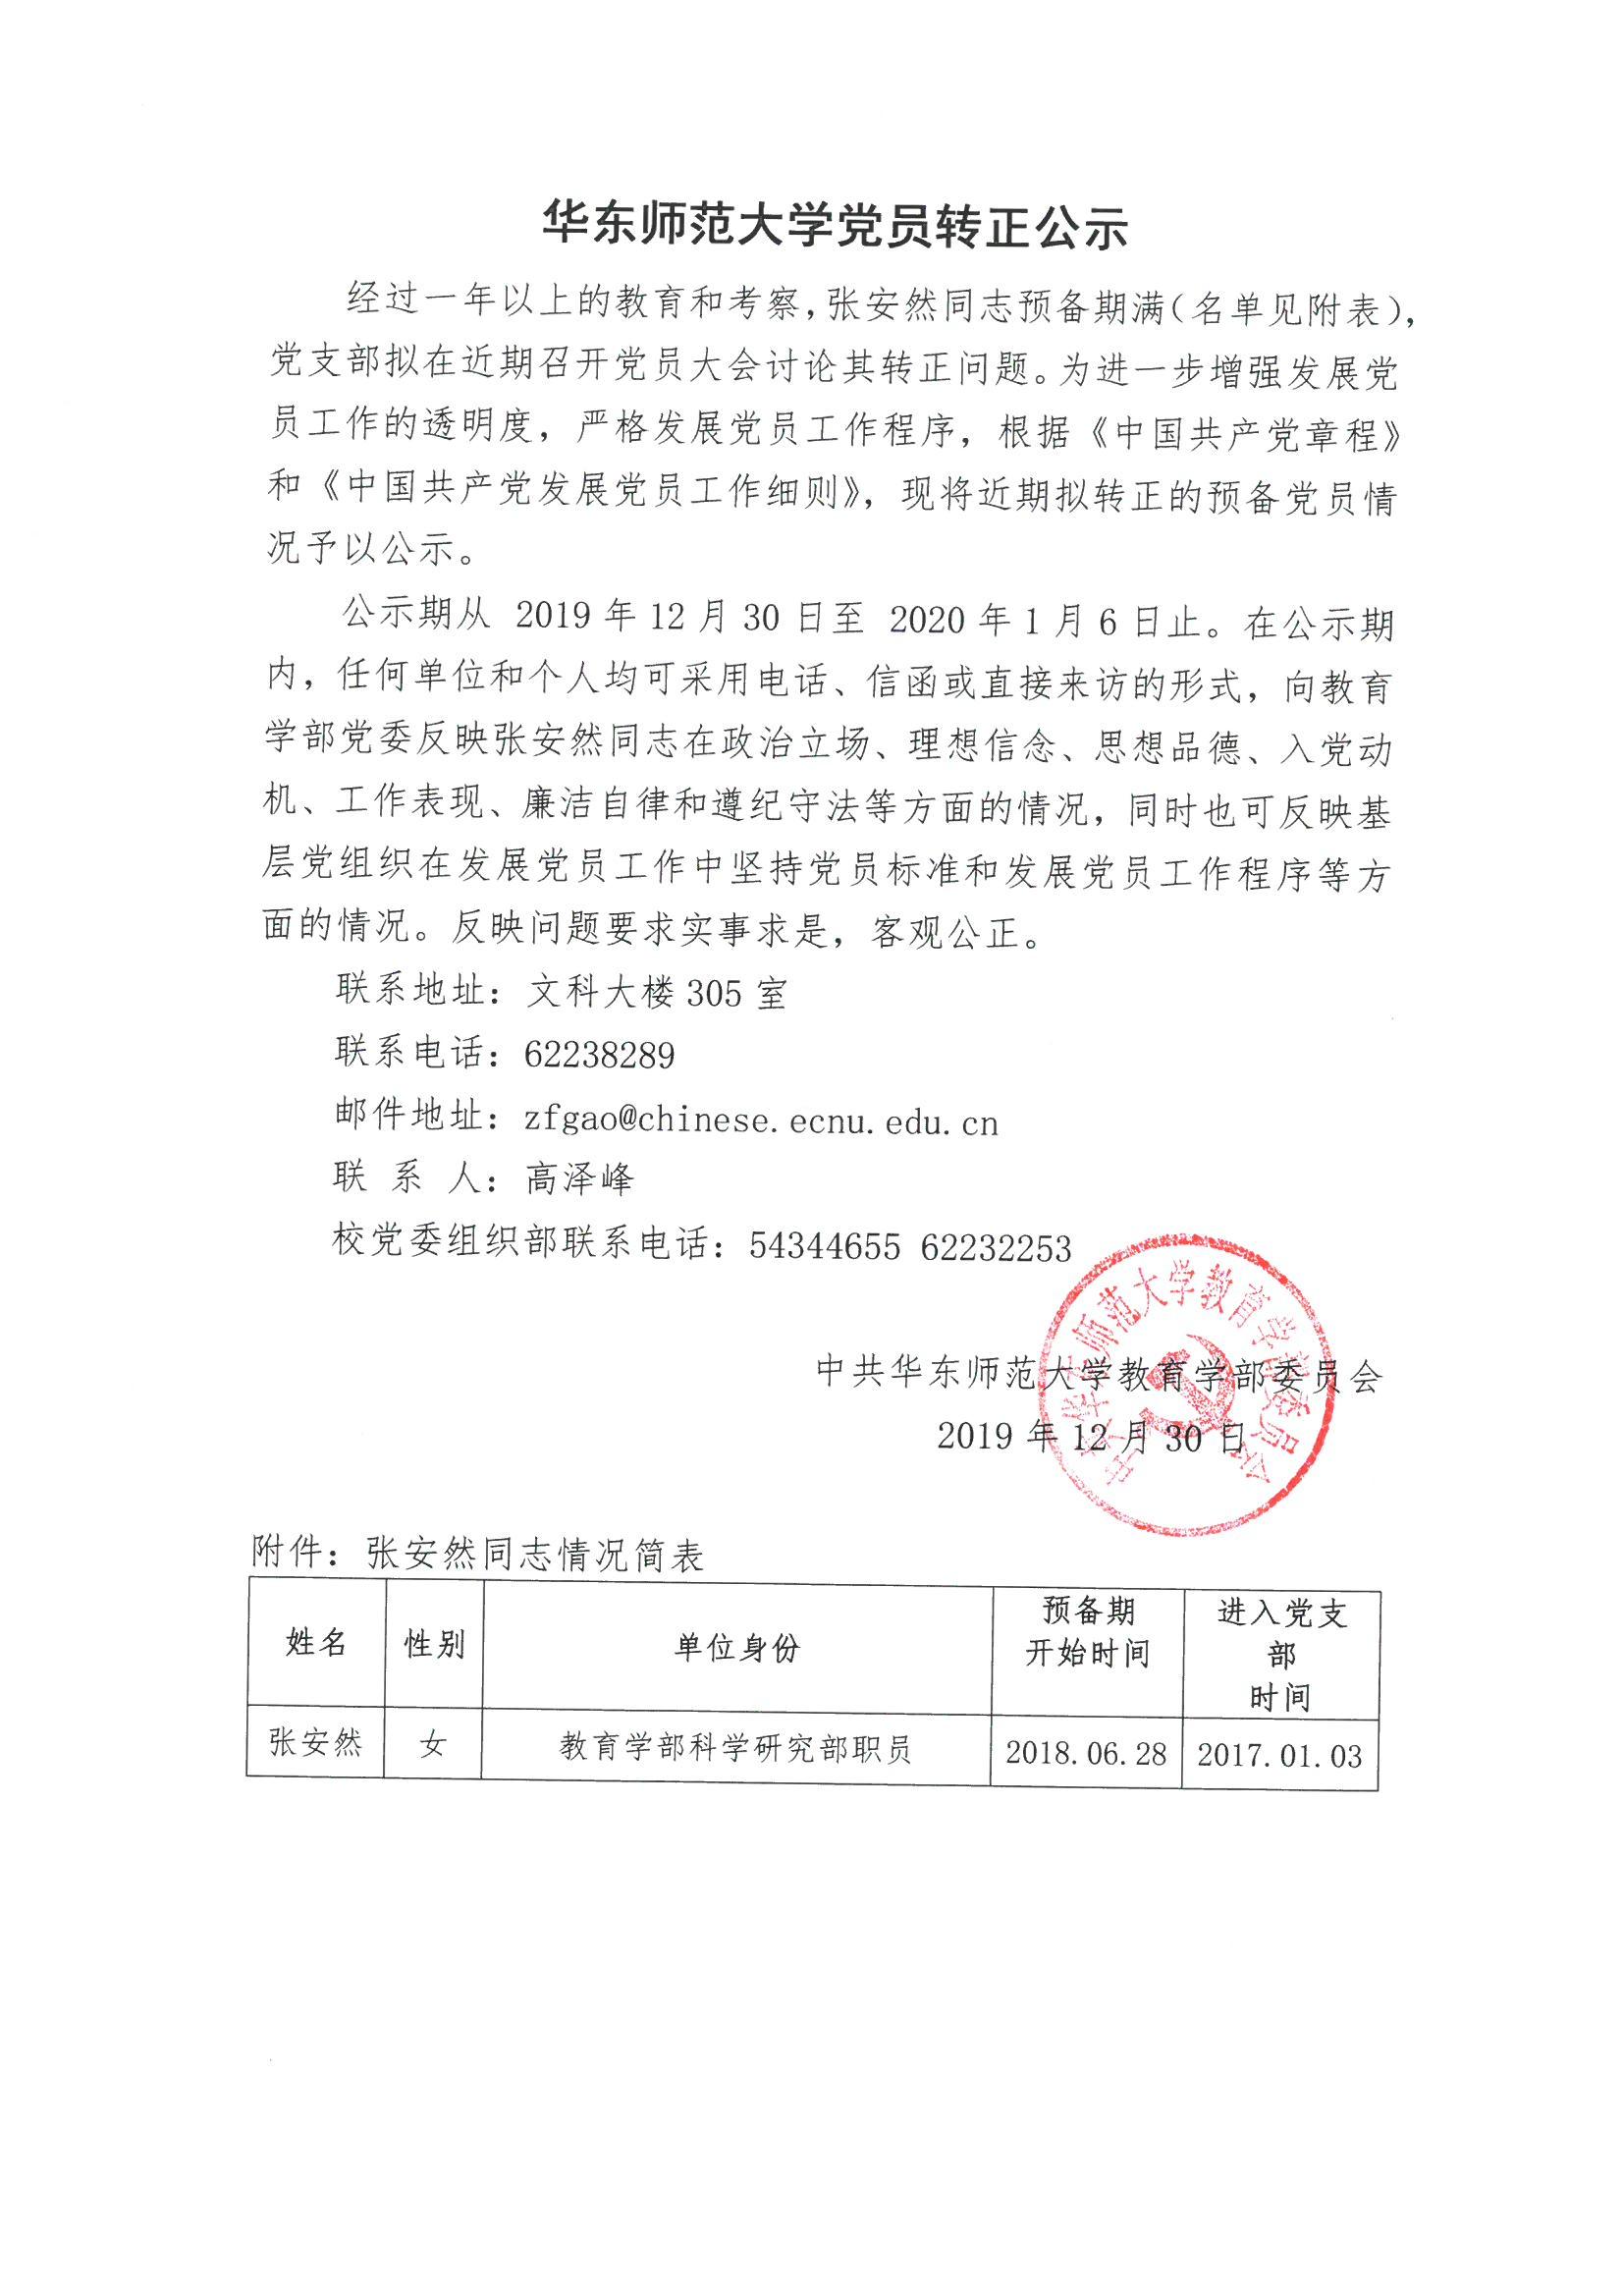 【公示】教育学部2019年12月党员转正公示(第四批)